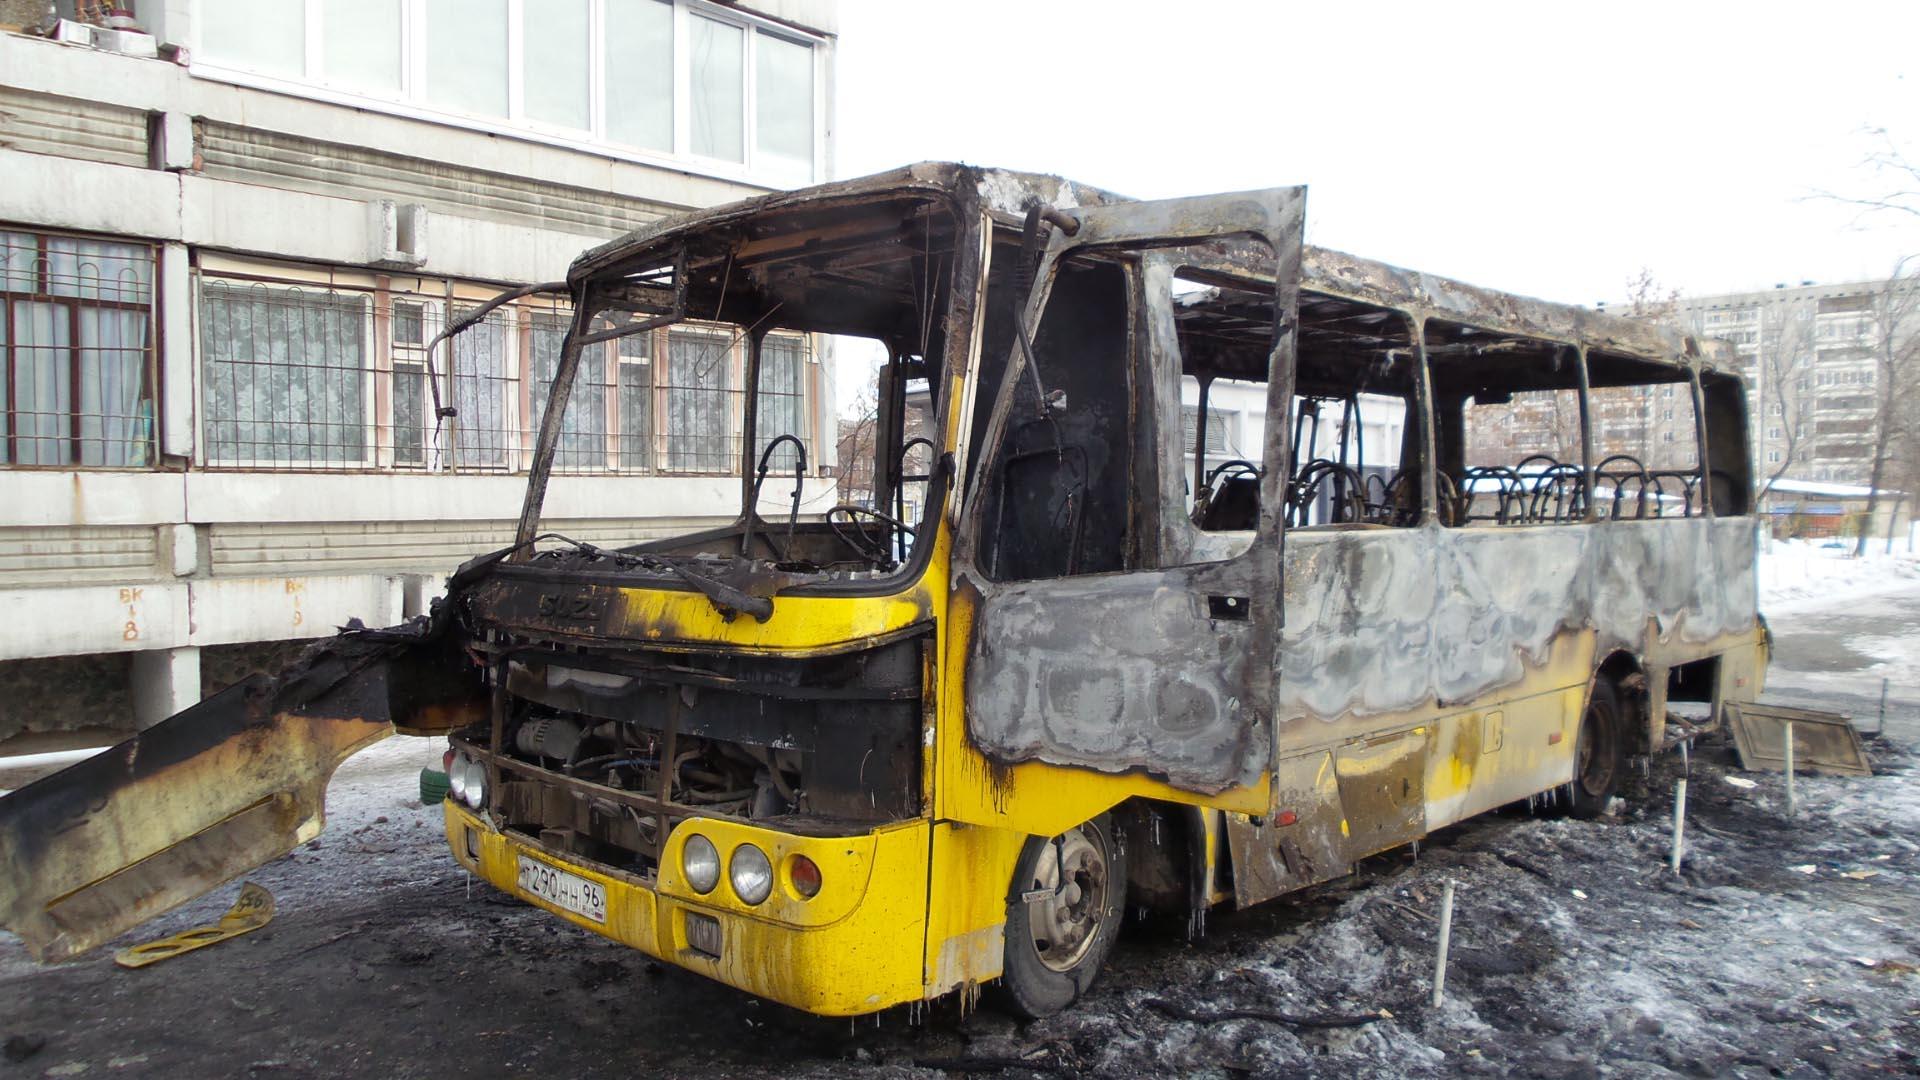 Водитель автобуса: ночные пожары на Юго-Западе устроил мстительный местный житель